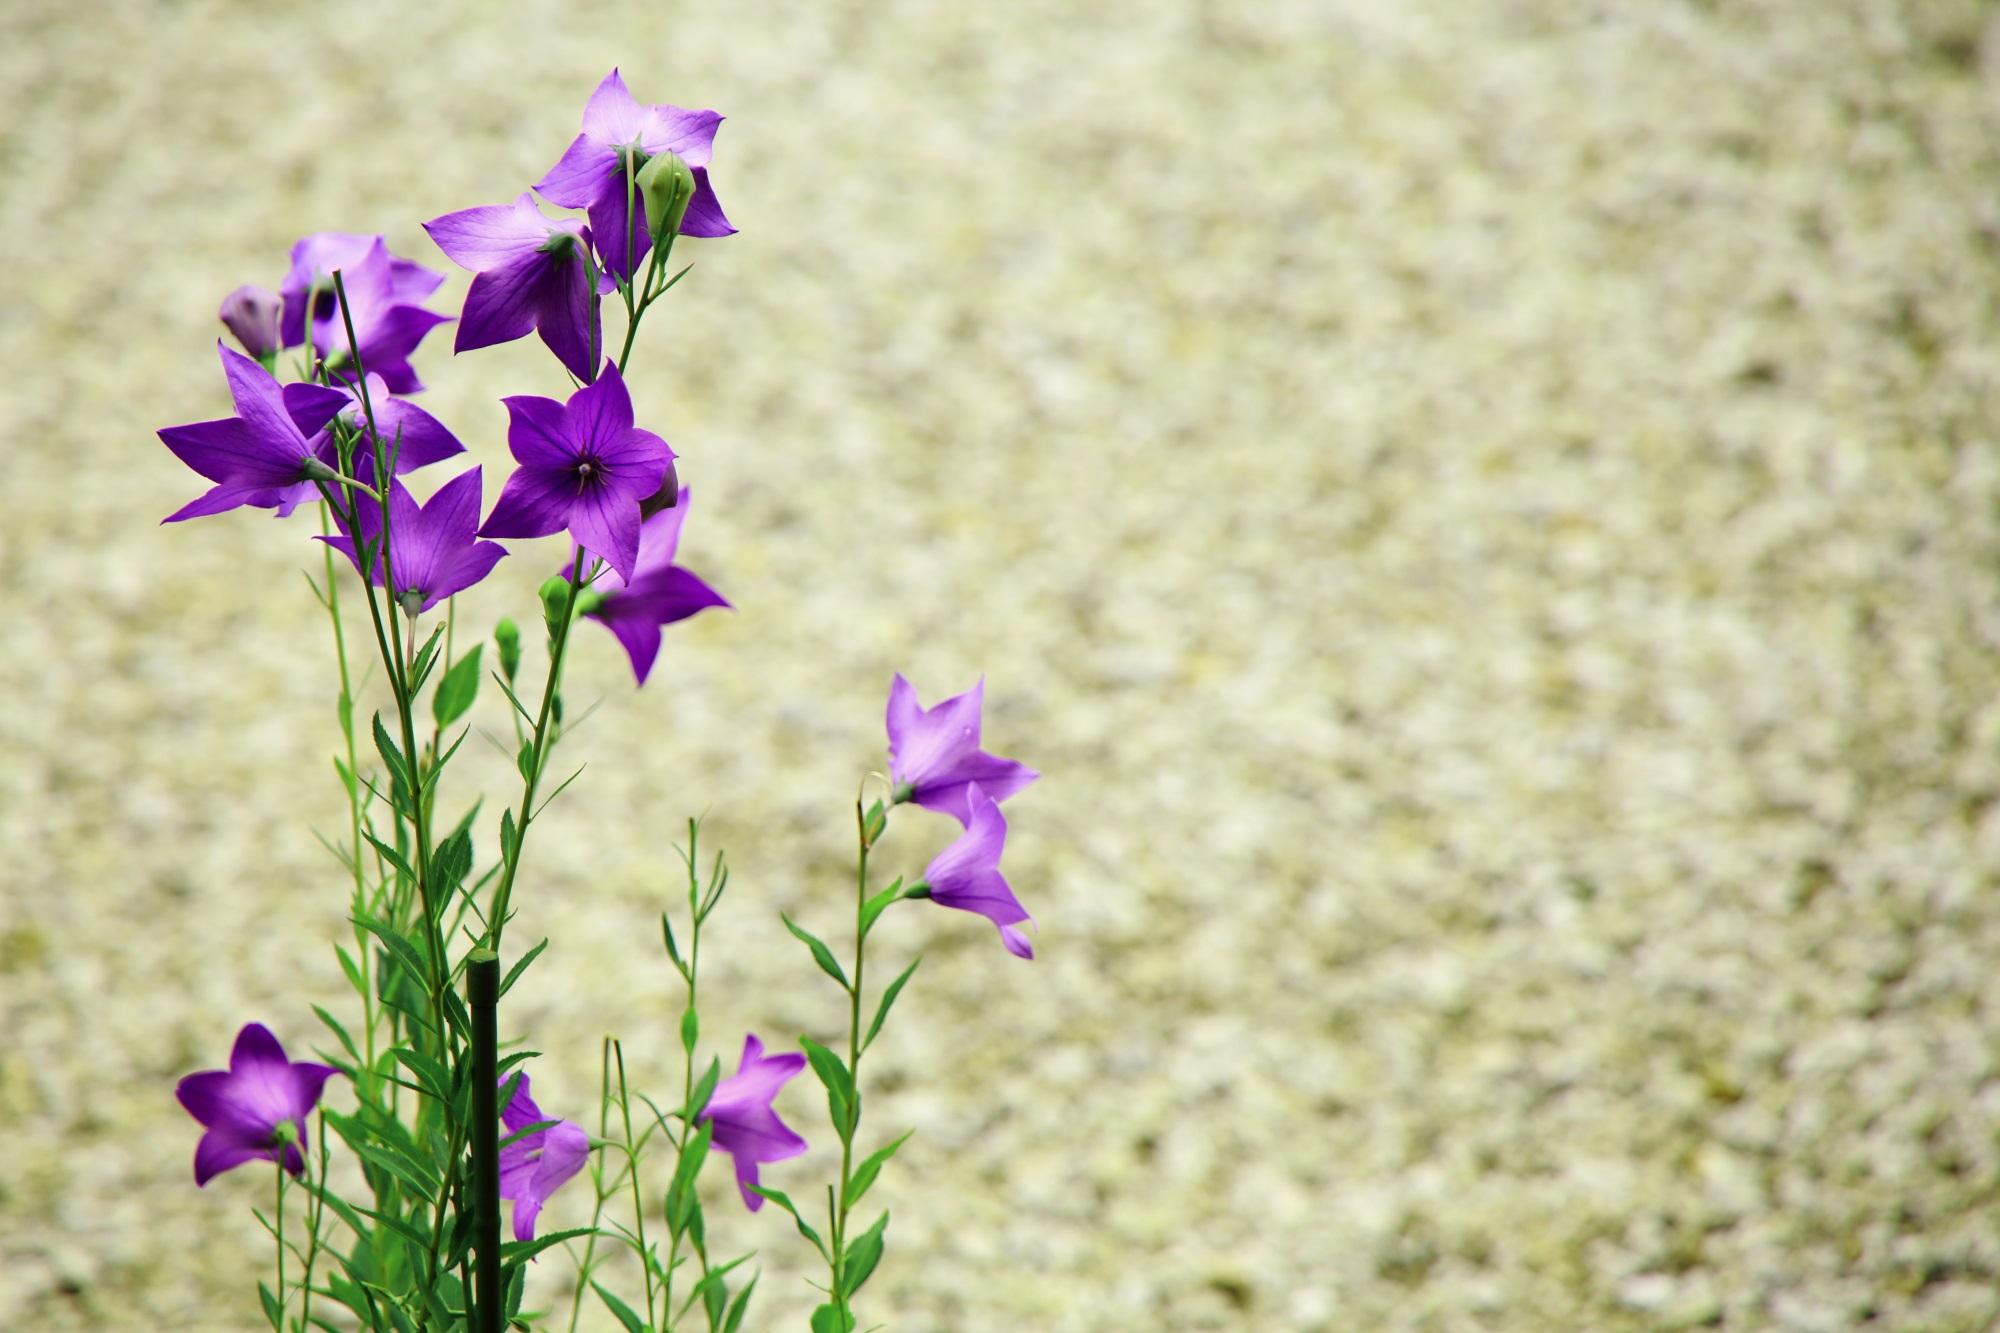 廬山寺の白砂にも映える鮮やかな桔梗の花